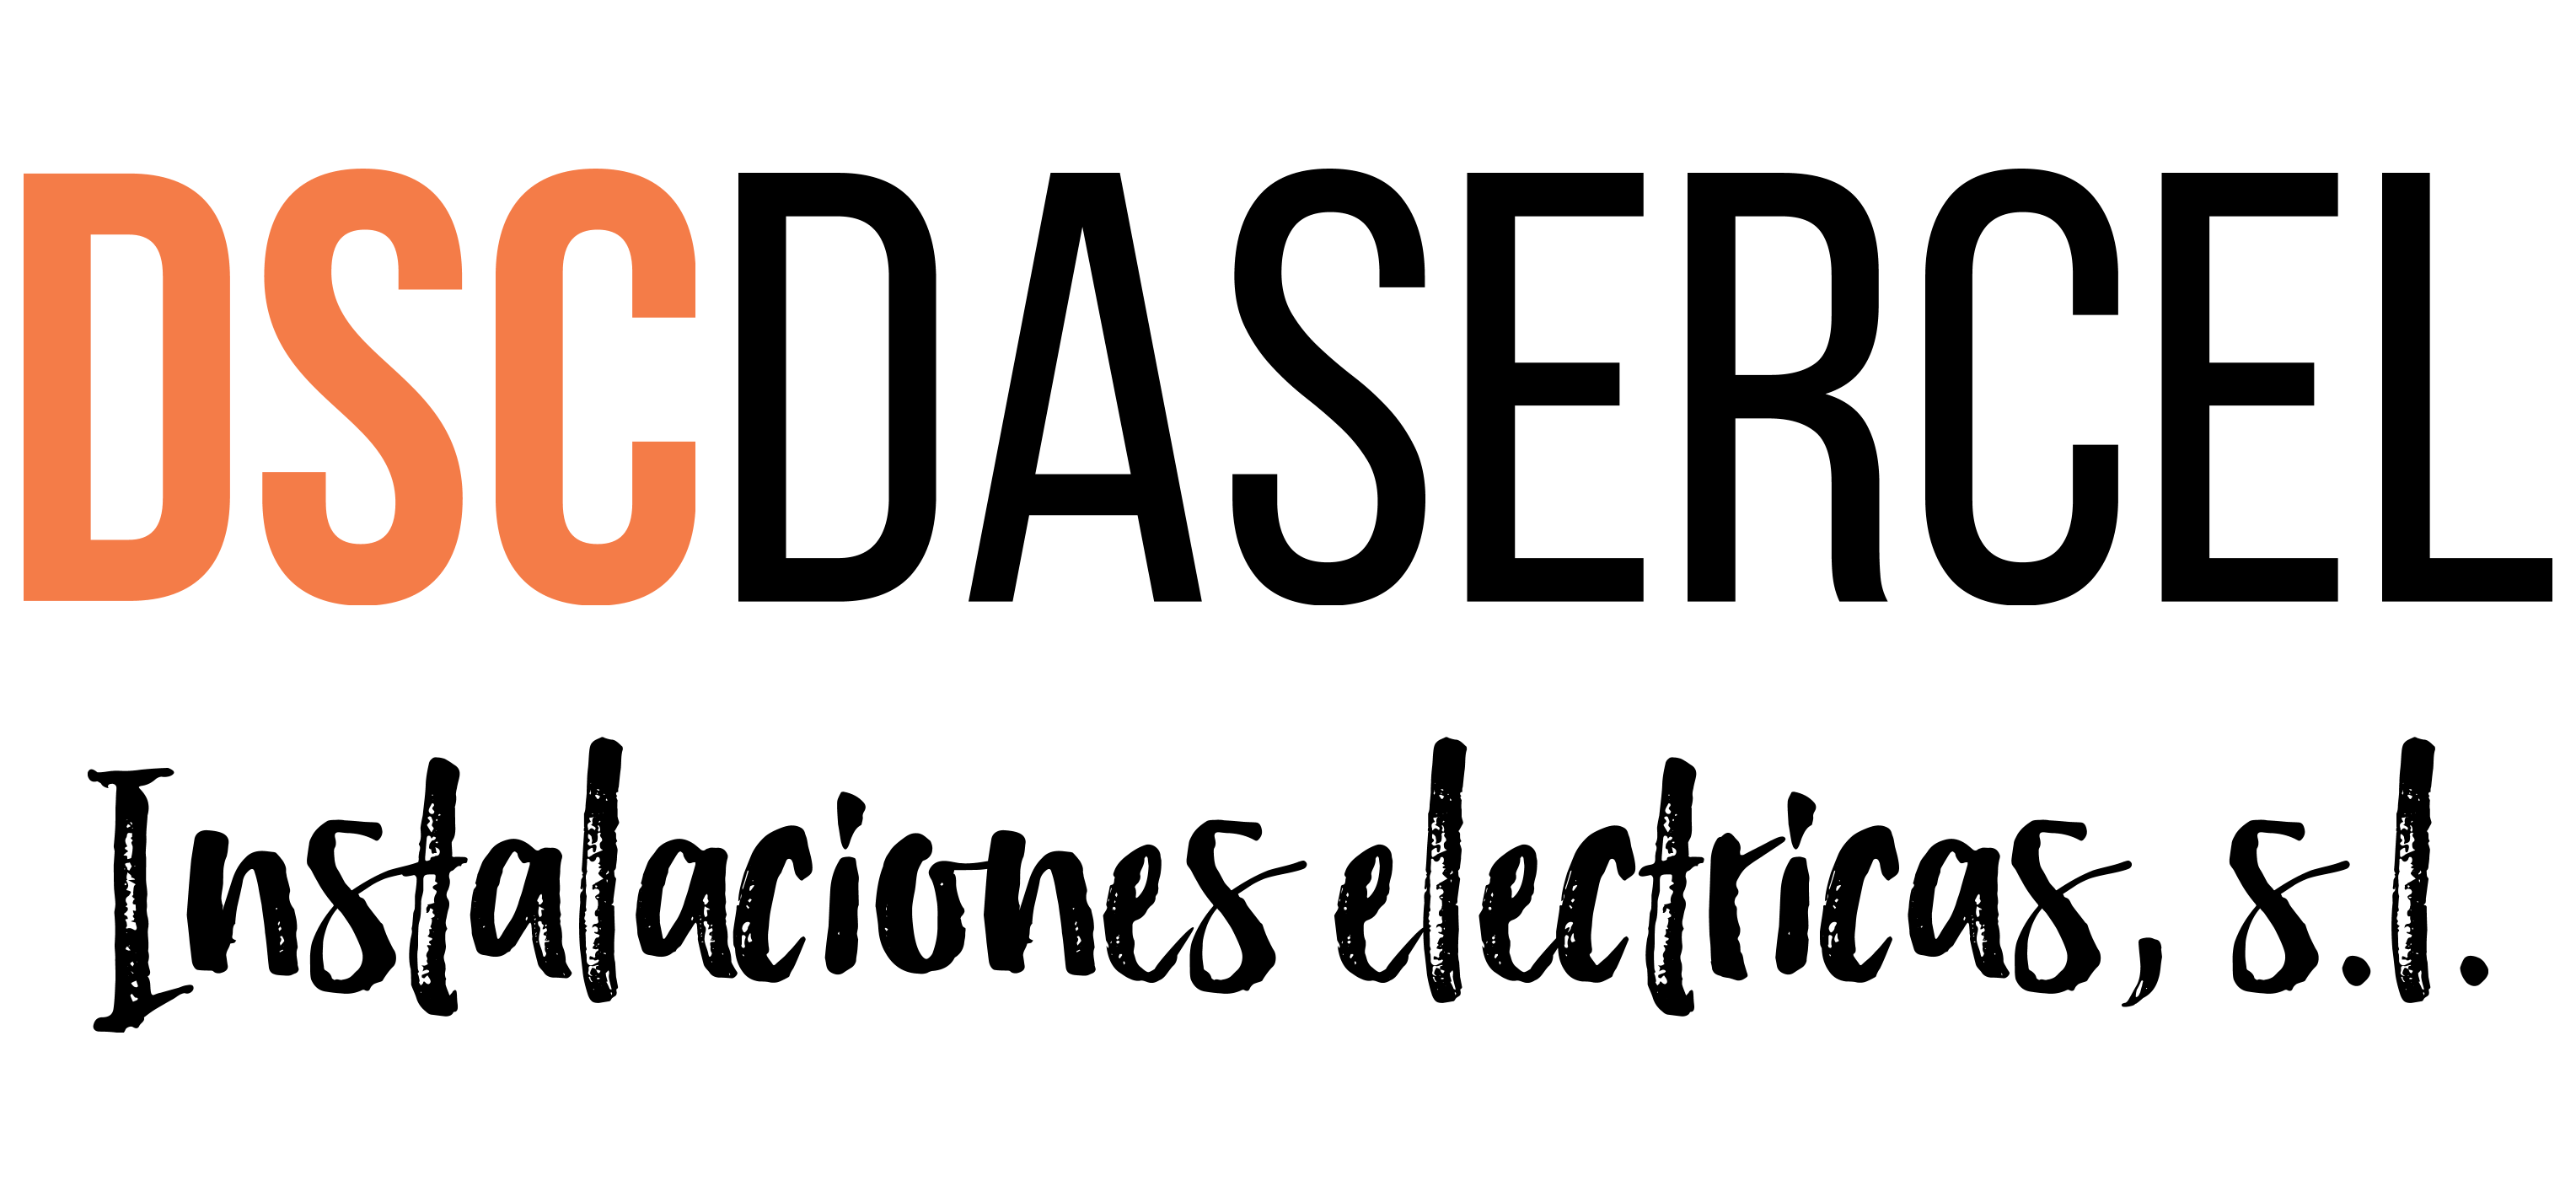 DASERCEL INSTALACIONES ELECTRICAS, S.L.